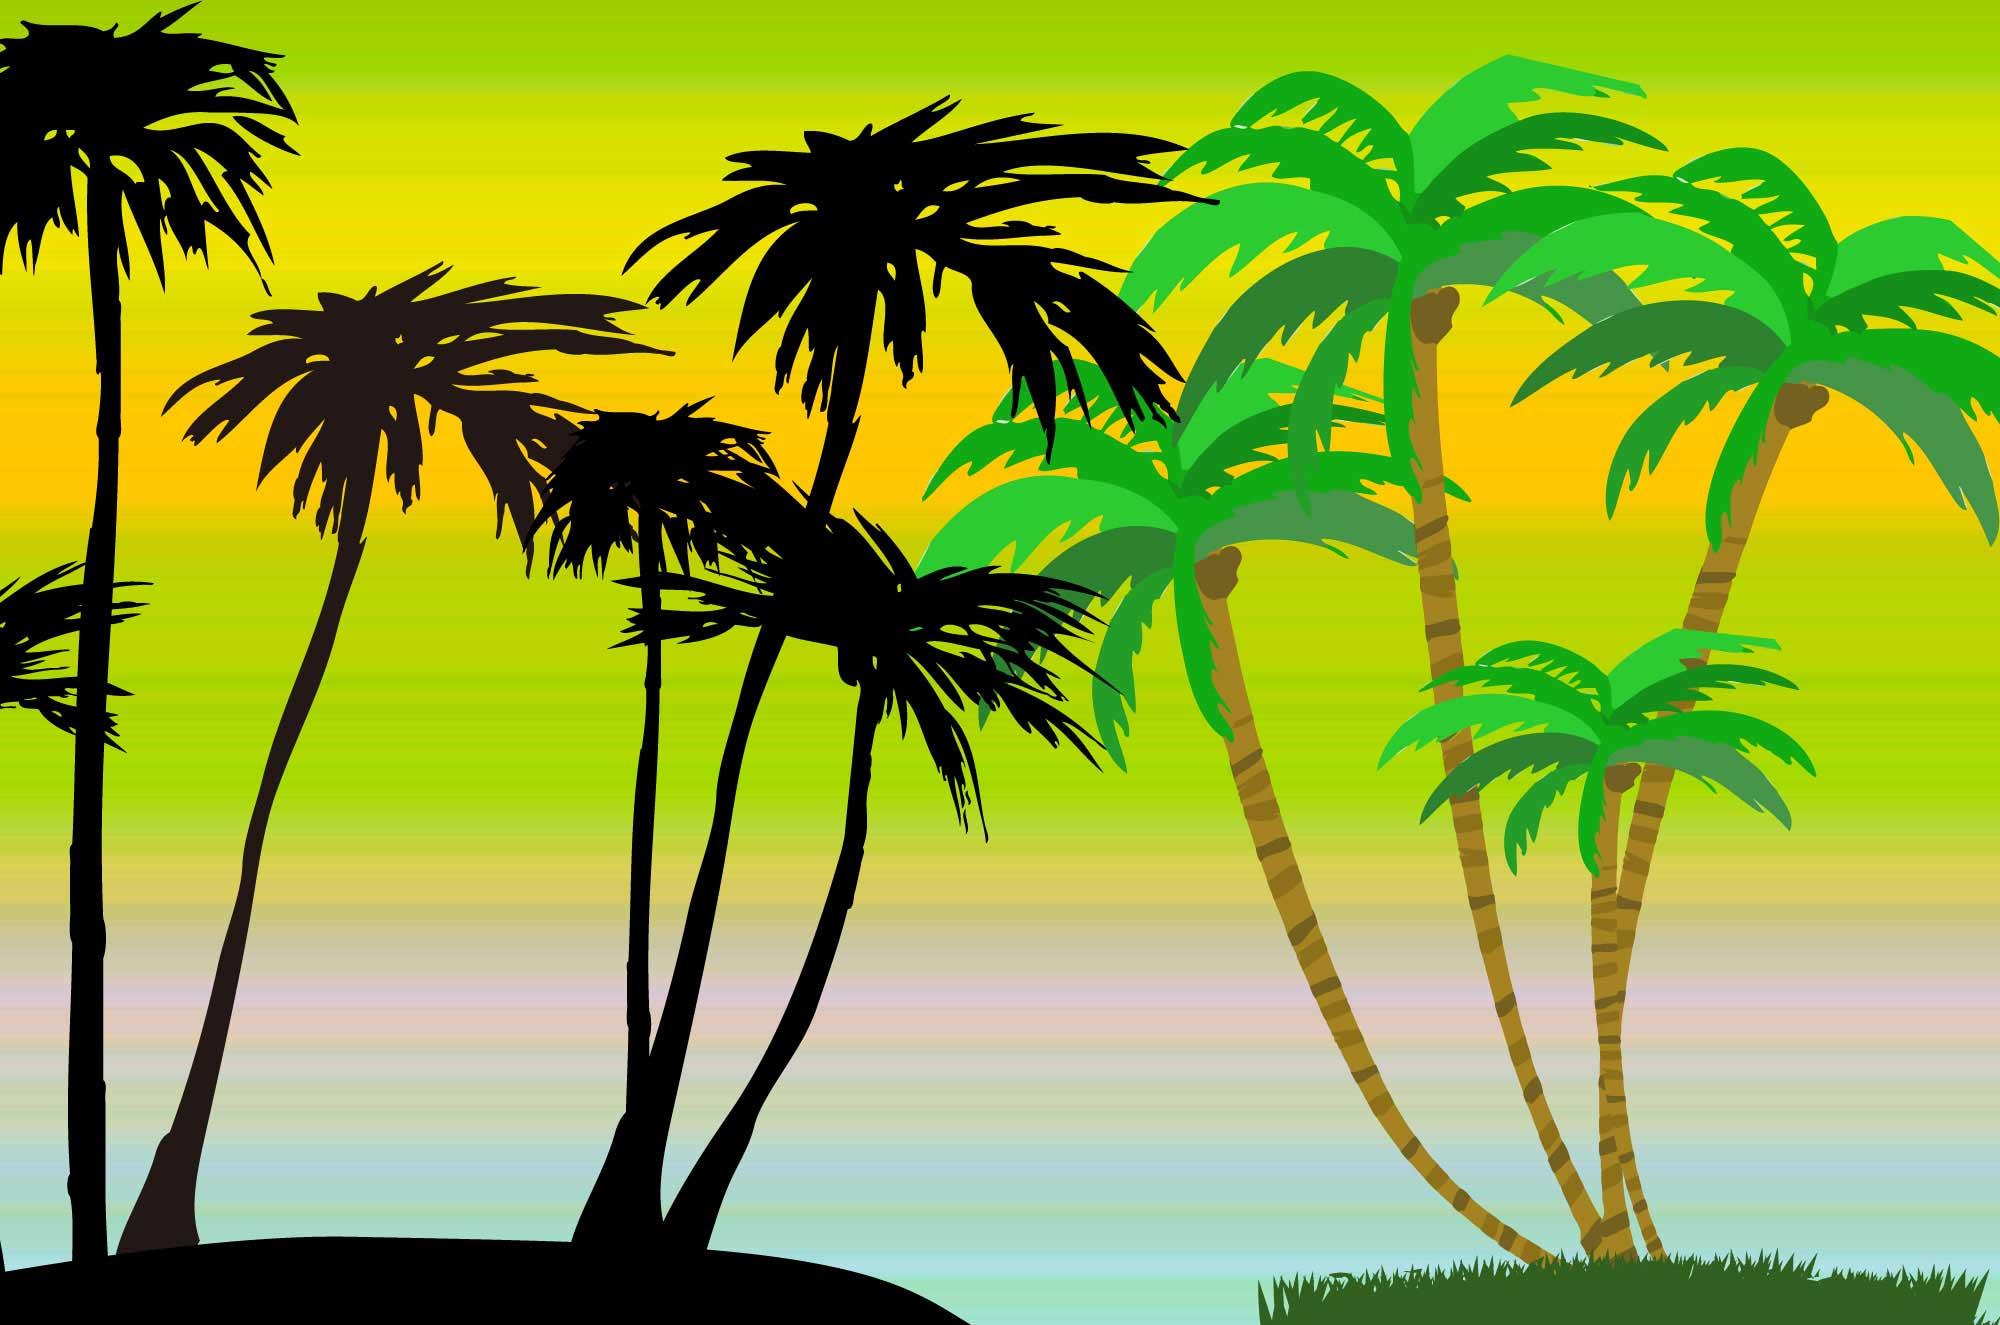 ヤシの木イラスト - 南国の海にぴったりな木の素材